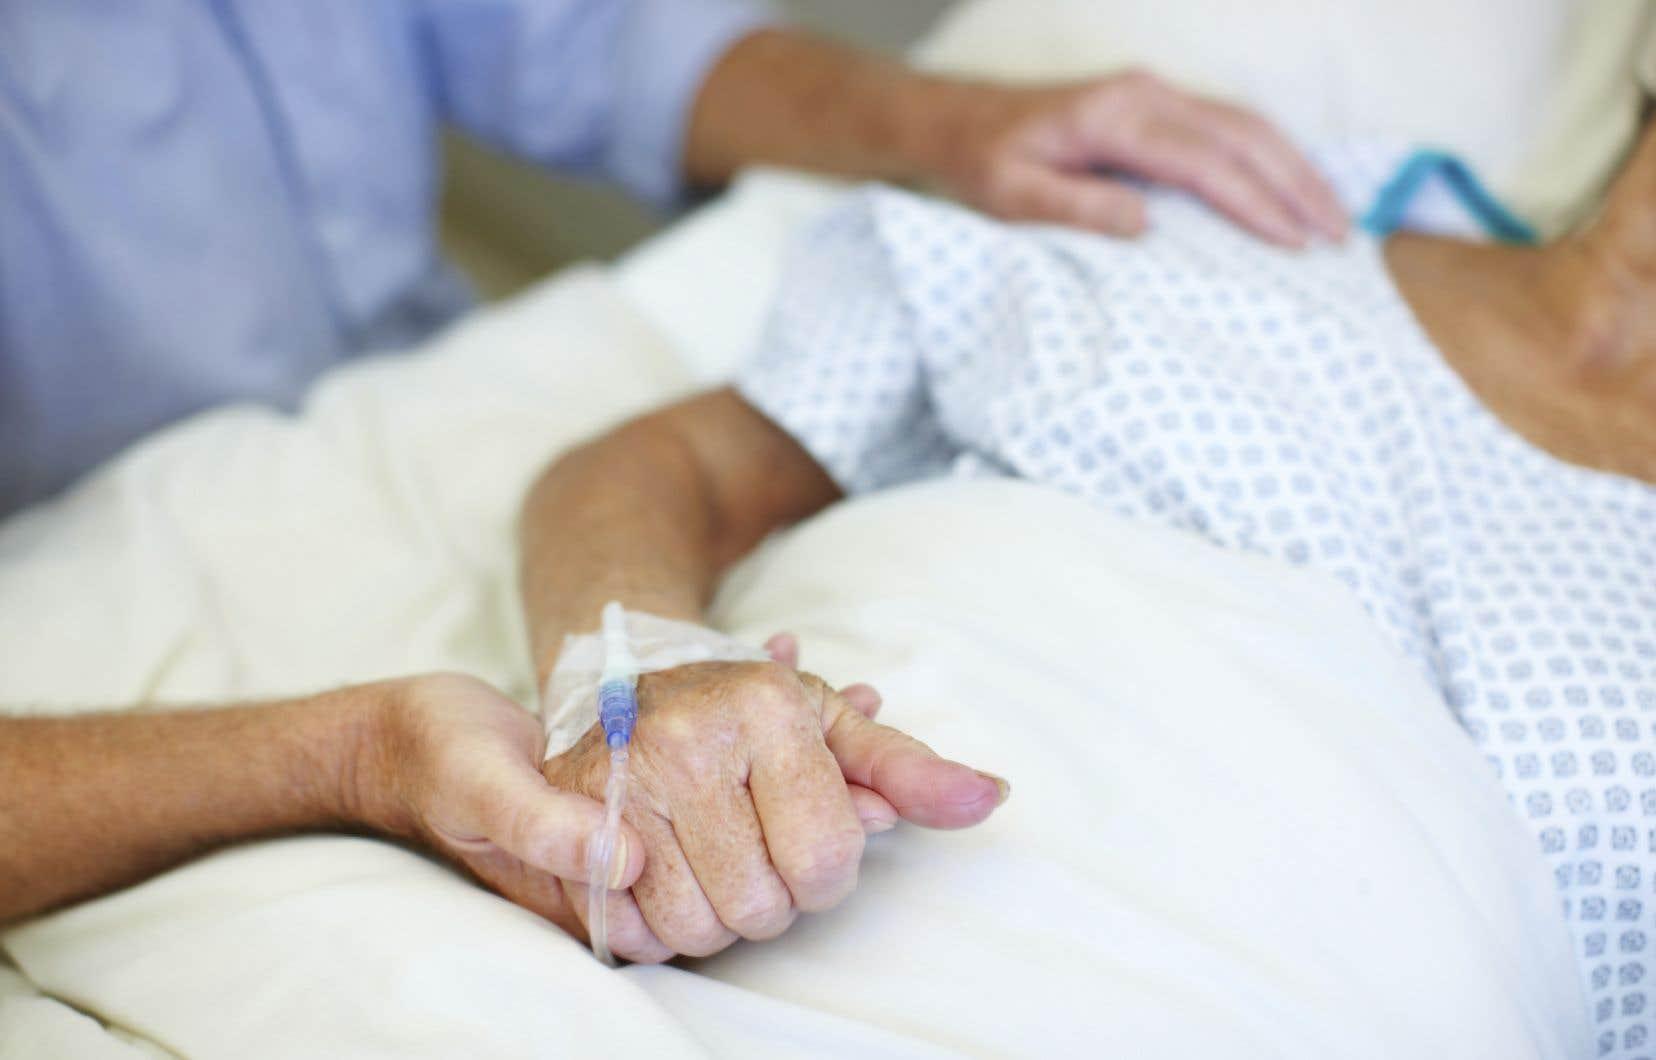 «Les soins à domicile sont possibles et moins coûteux et permettent d'offrir des soins palliatifs en RI et RPA tout en libérant des lits hospitaliers dont on a grand besoin en ces temps de pandémie», expliquent les signataires.